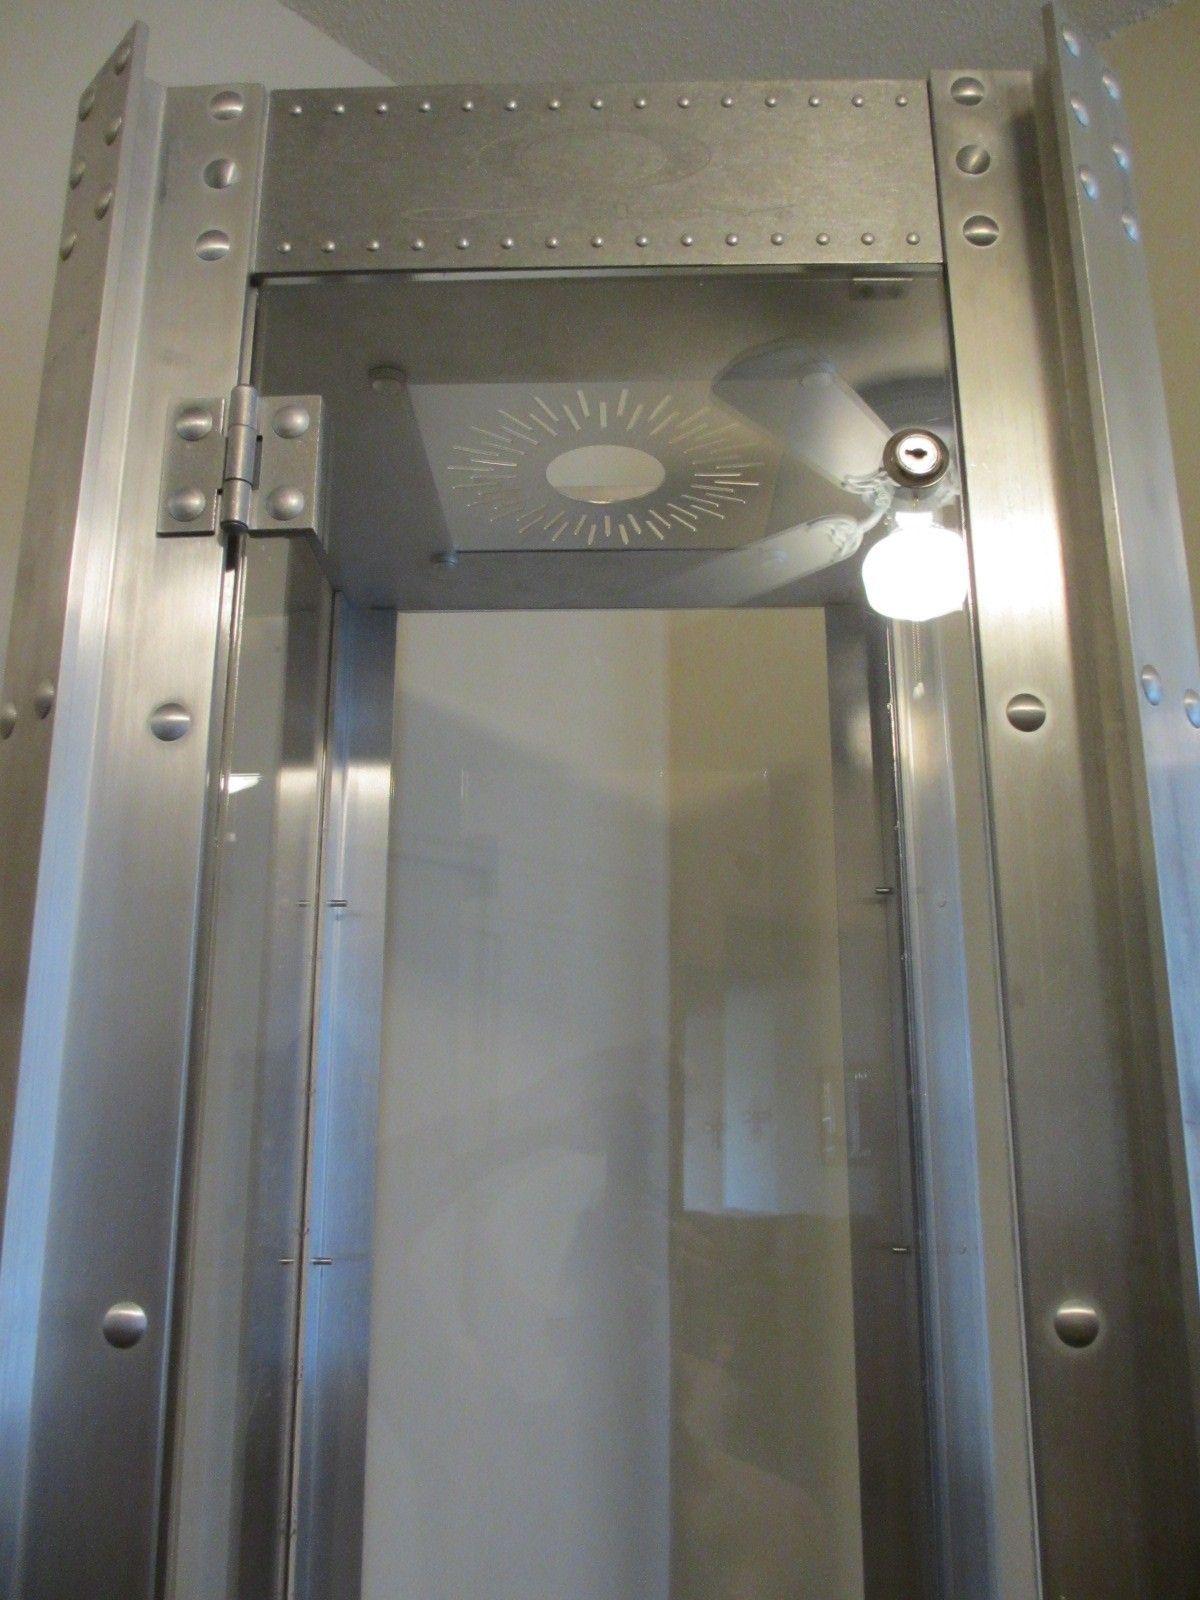 Finally got my Oakley Display Case!! - 004.JPG